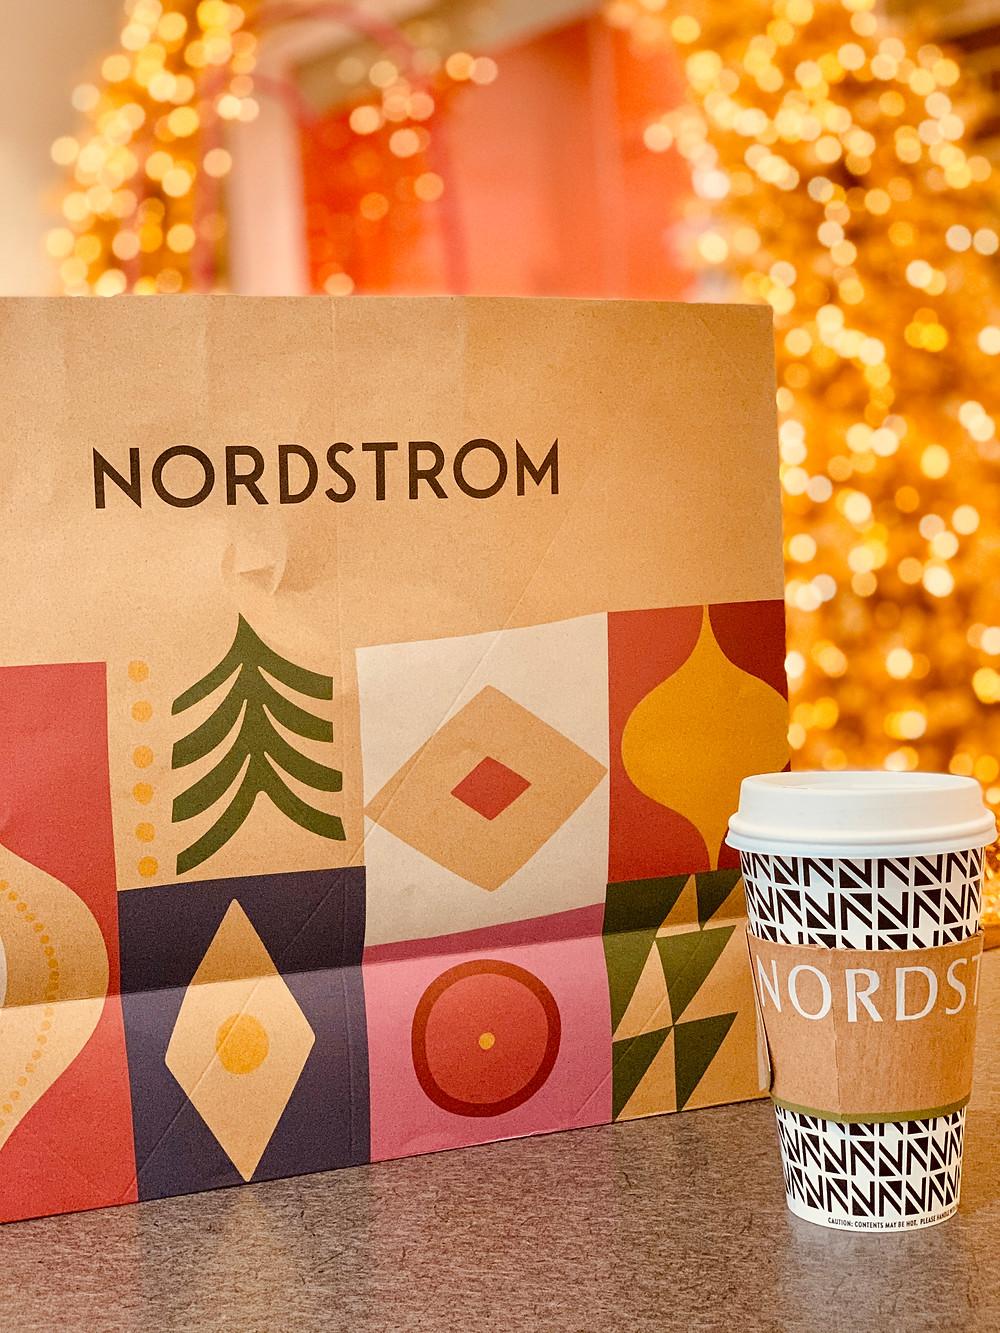 Nordstrom Cafe Lavender Chai Latte